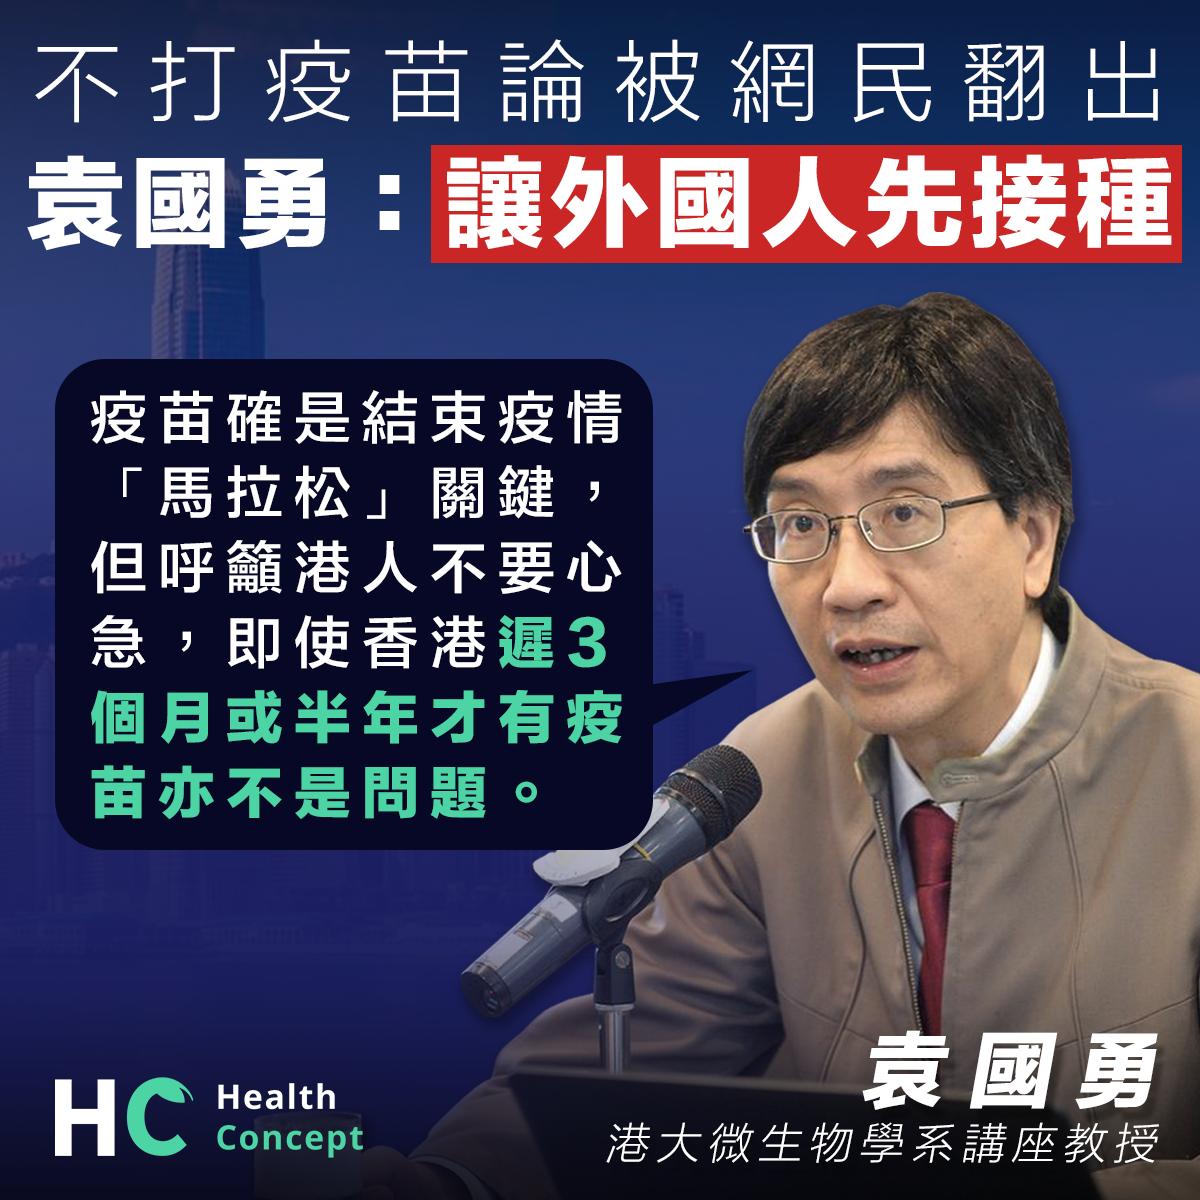 不打疫苗論被網民翻出 袁國勇:讓外國人先接種